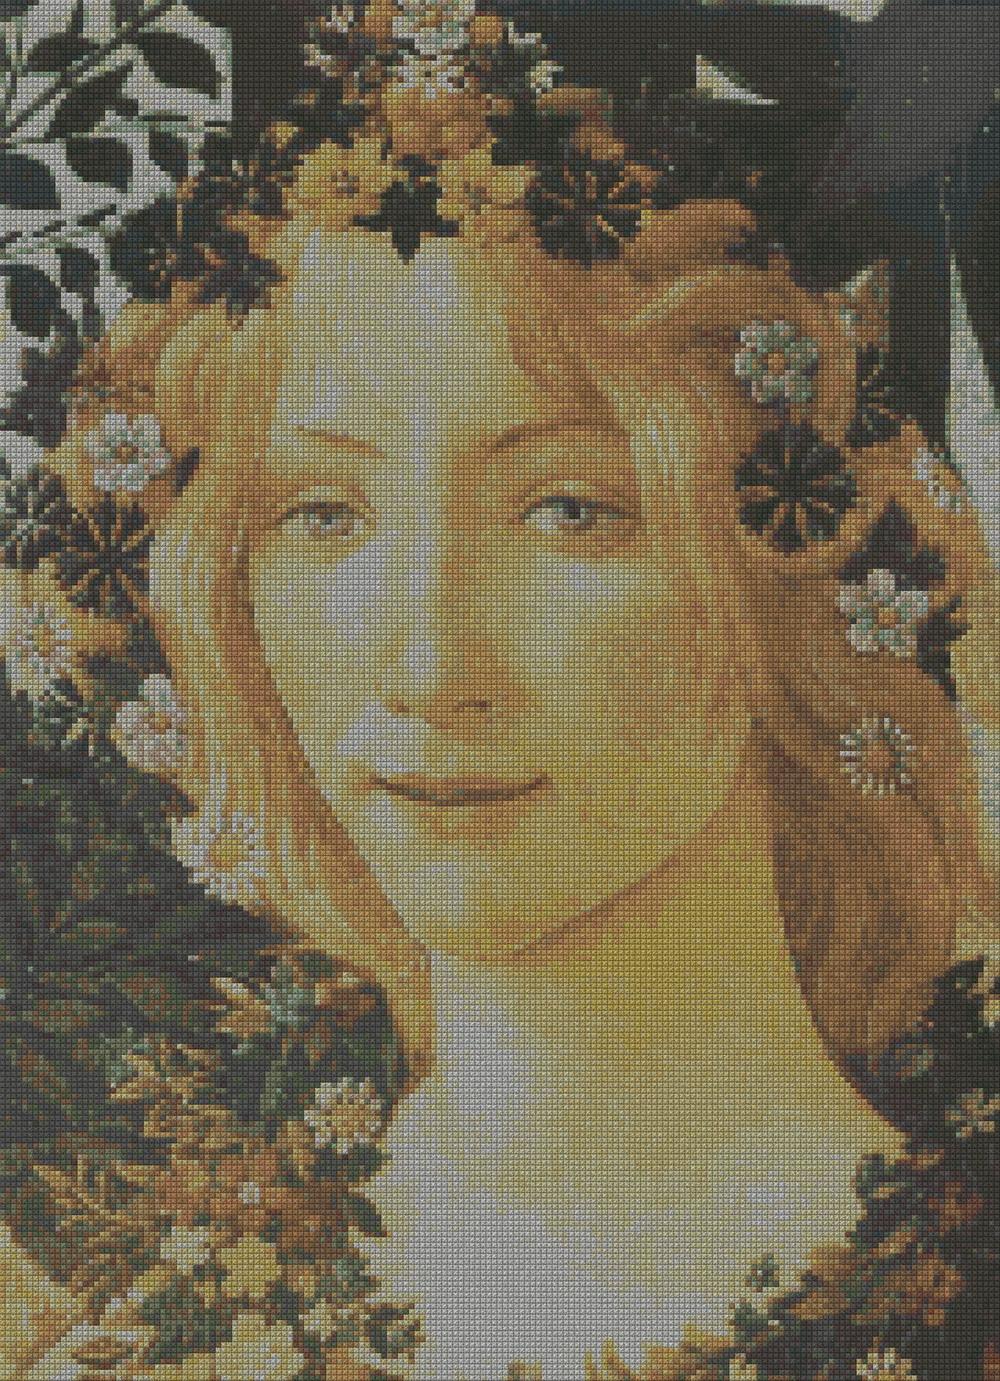 pittori_classici/botticelli/botticelli-primavera2.jpg